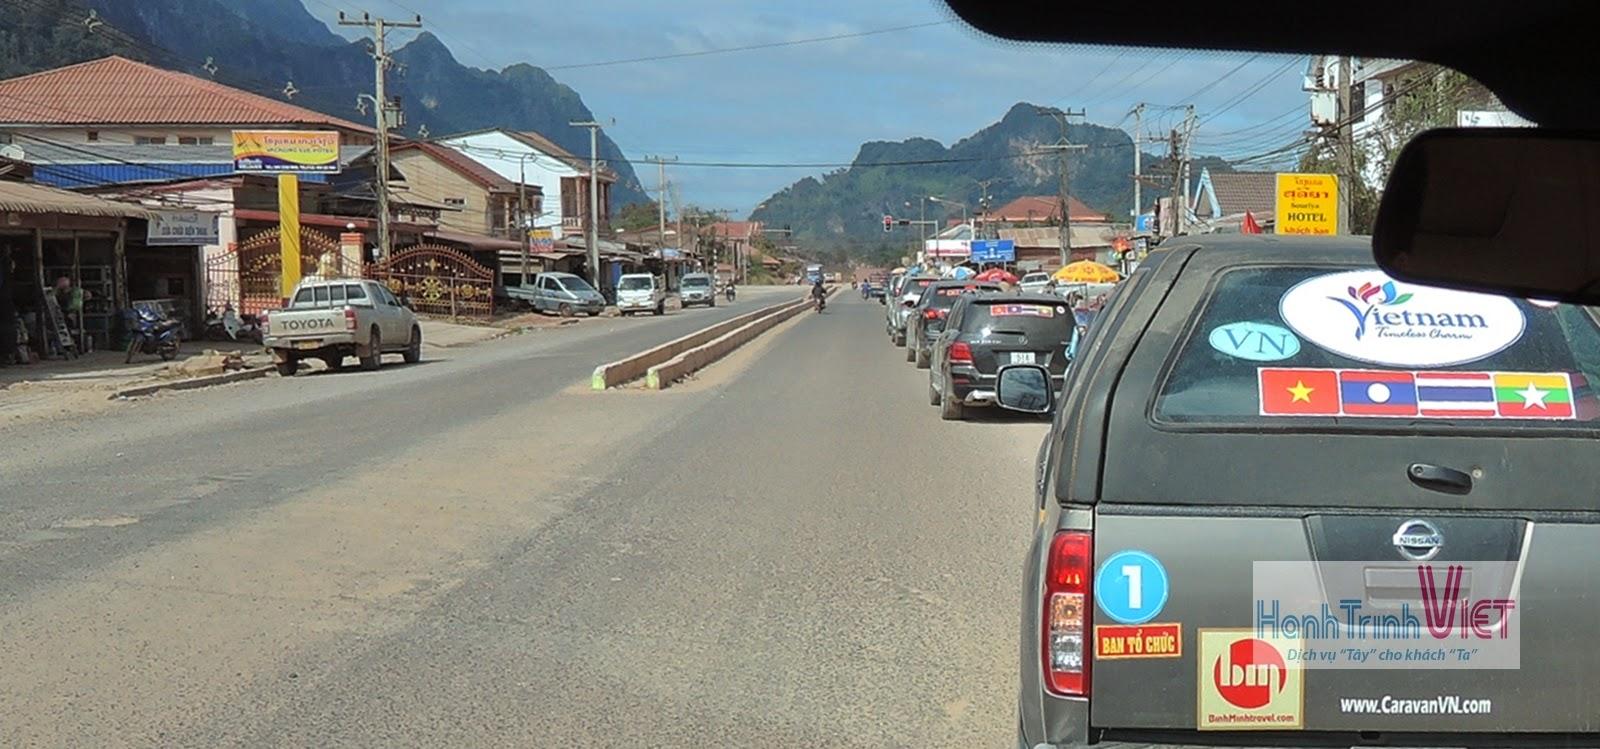 Qua cửa khẩu Cầu Treo từ Hà Tĩnh đi Viêng Chăn